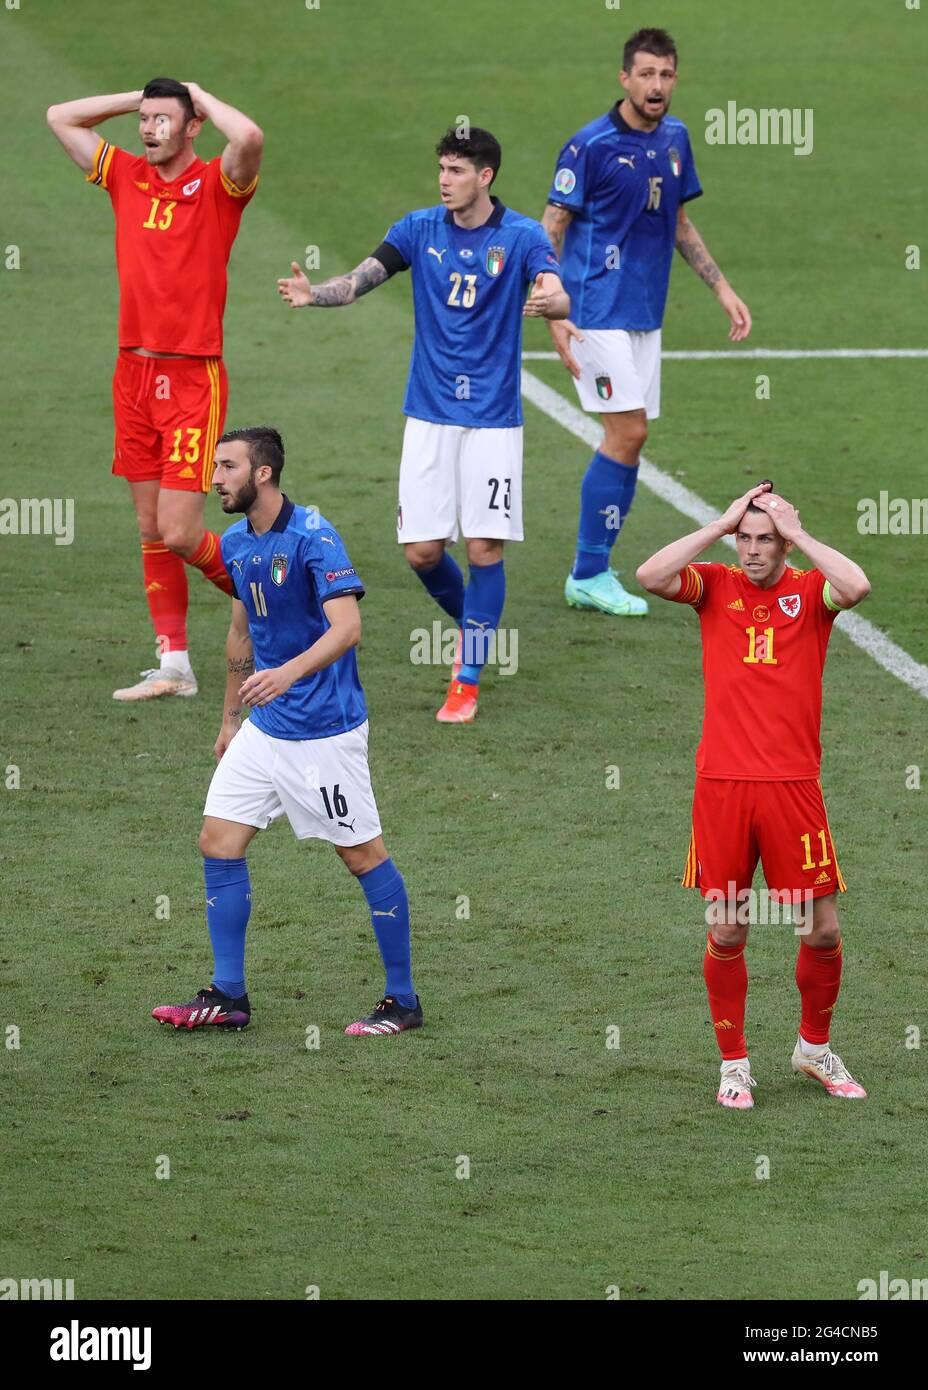 Roma, Italia, 20 giugno 2021. Gareth Bale e il compagno di squadra Kieffer Moore del Galles reagiscono dopo che il Galles numero undici ha perso una buona chance durante la partita UEFA Euro 2020 allo Stadio Olimpico di Roma. L'immagine di credito dovrebbe essere: Jonathan Moscop / Sportimage Foto Stock